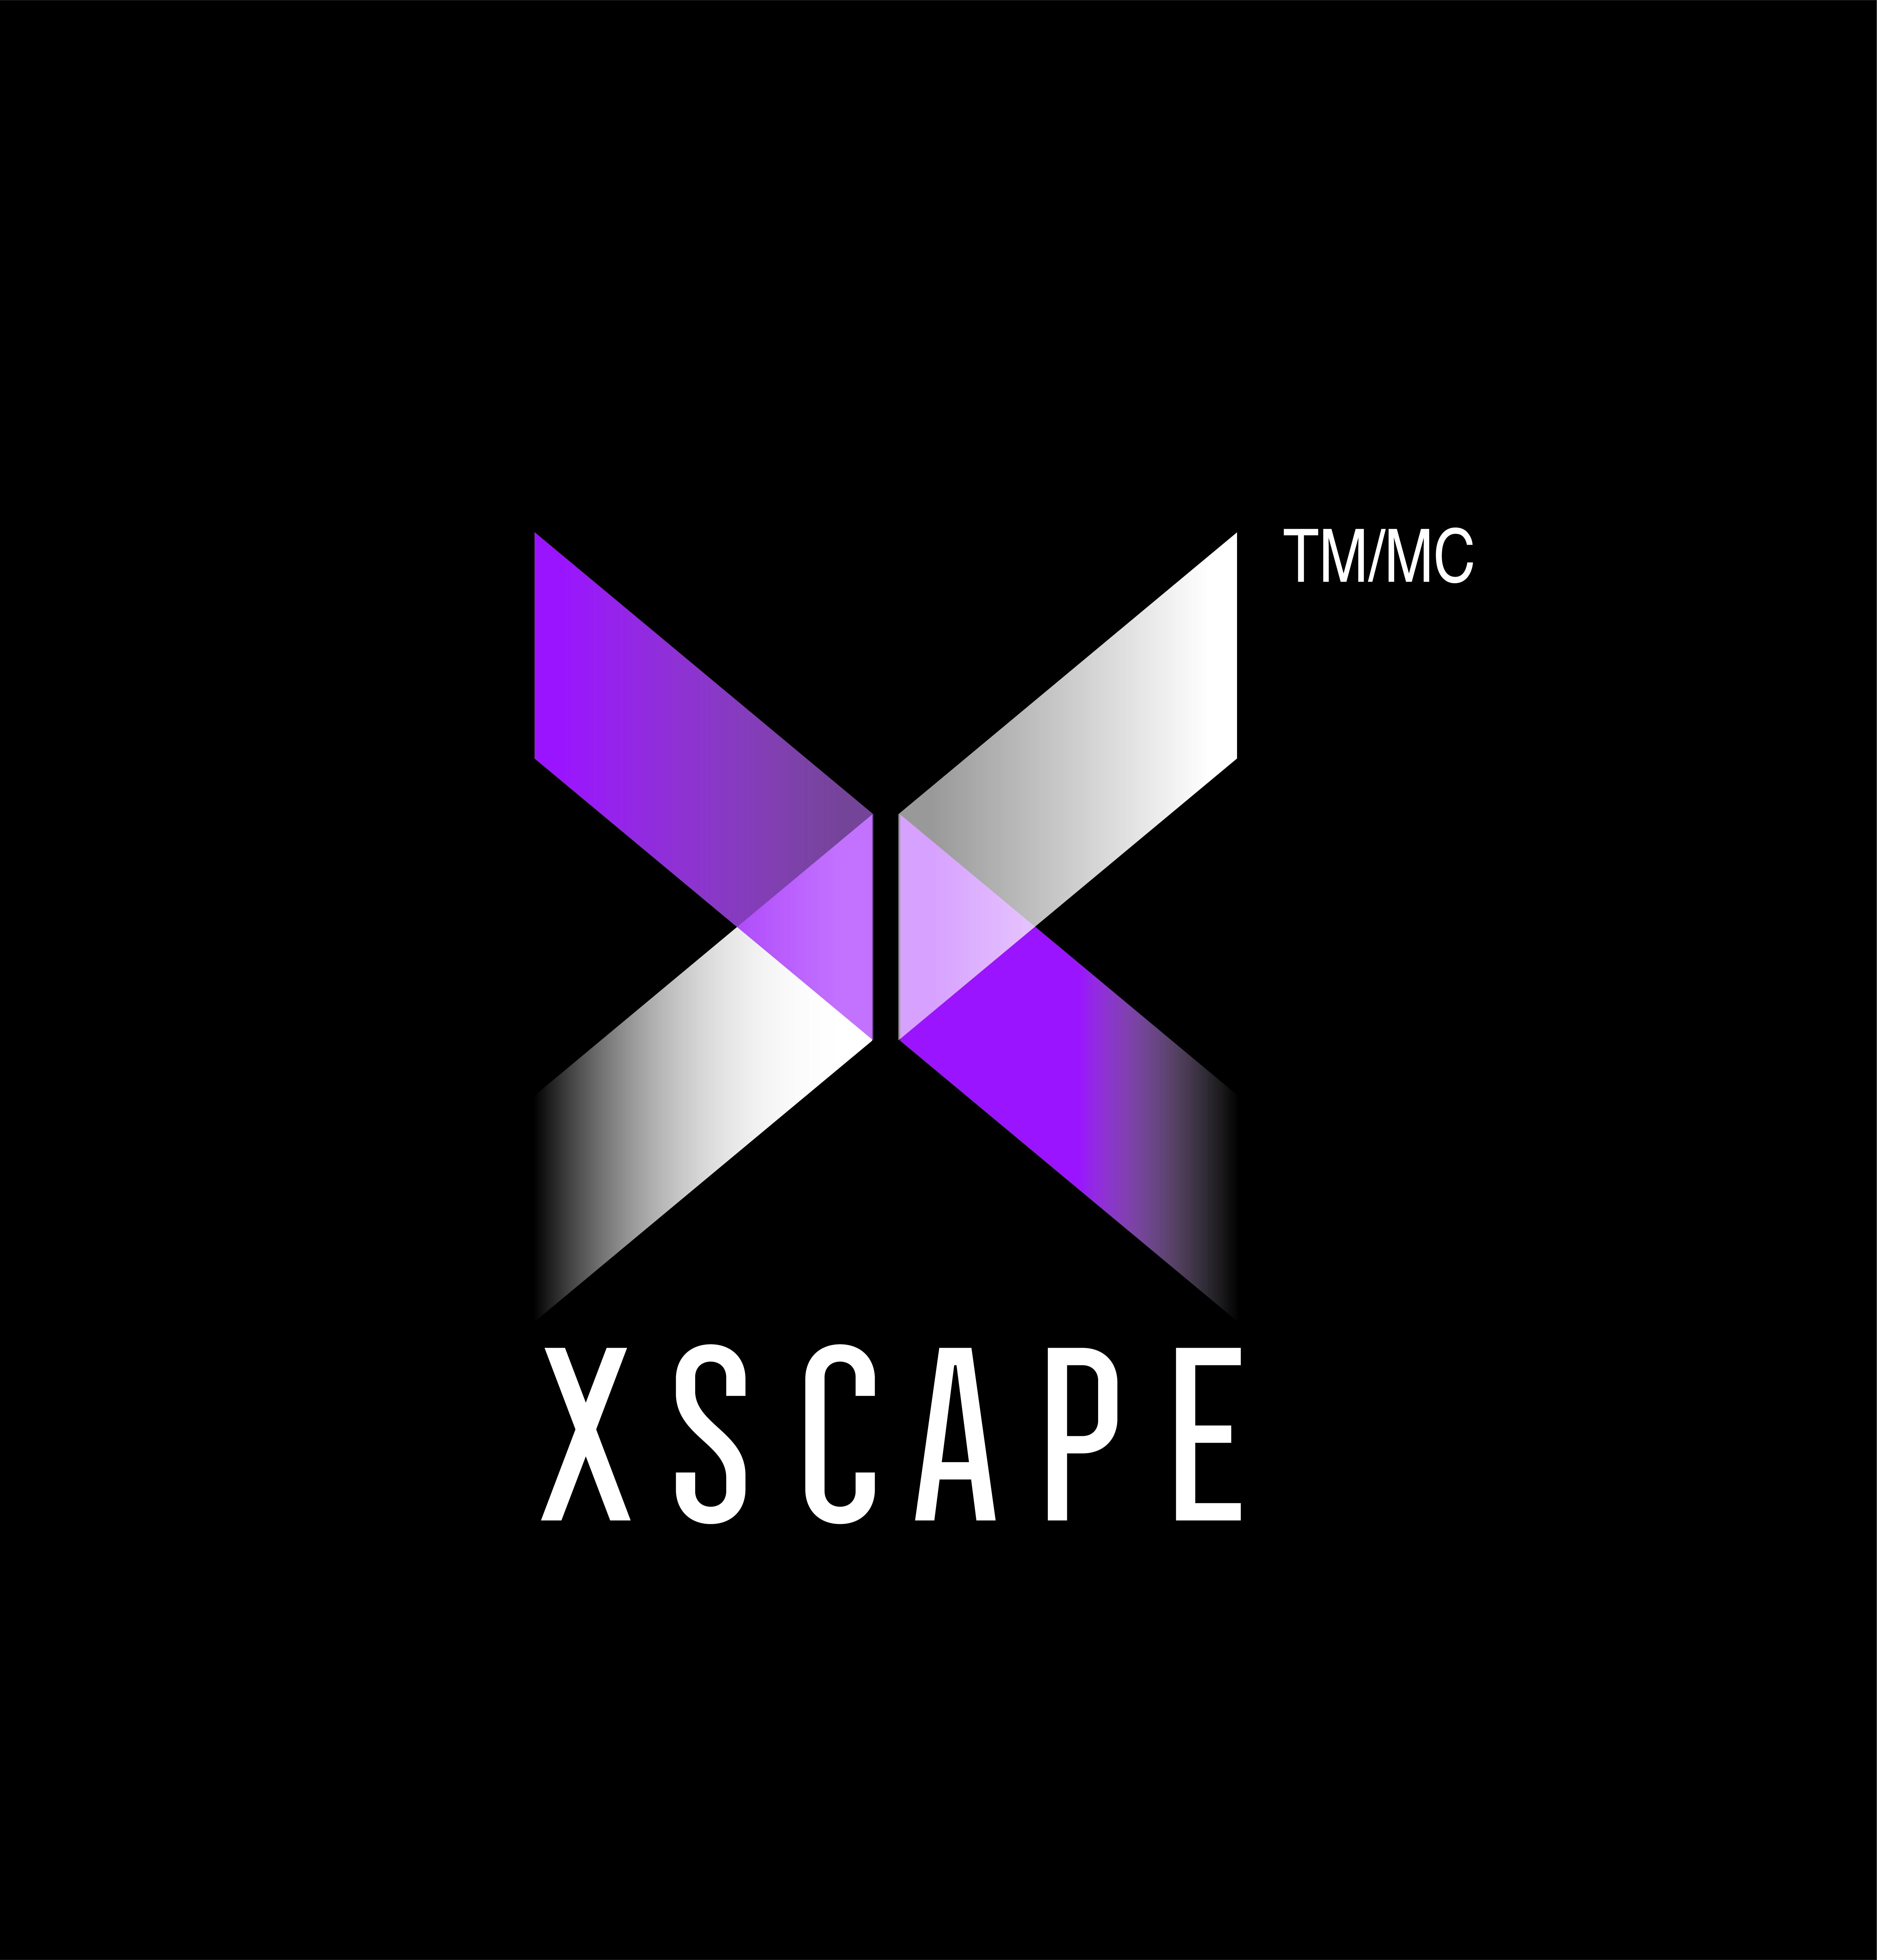 Xscape | Brand